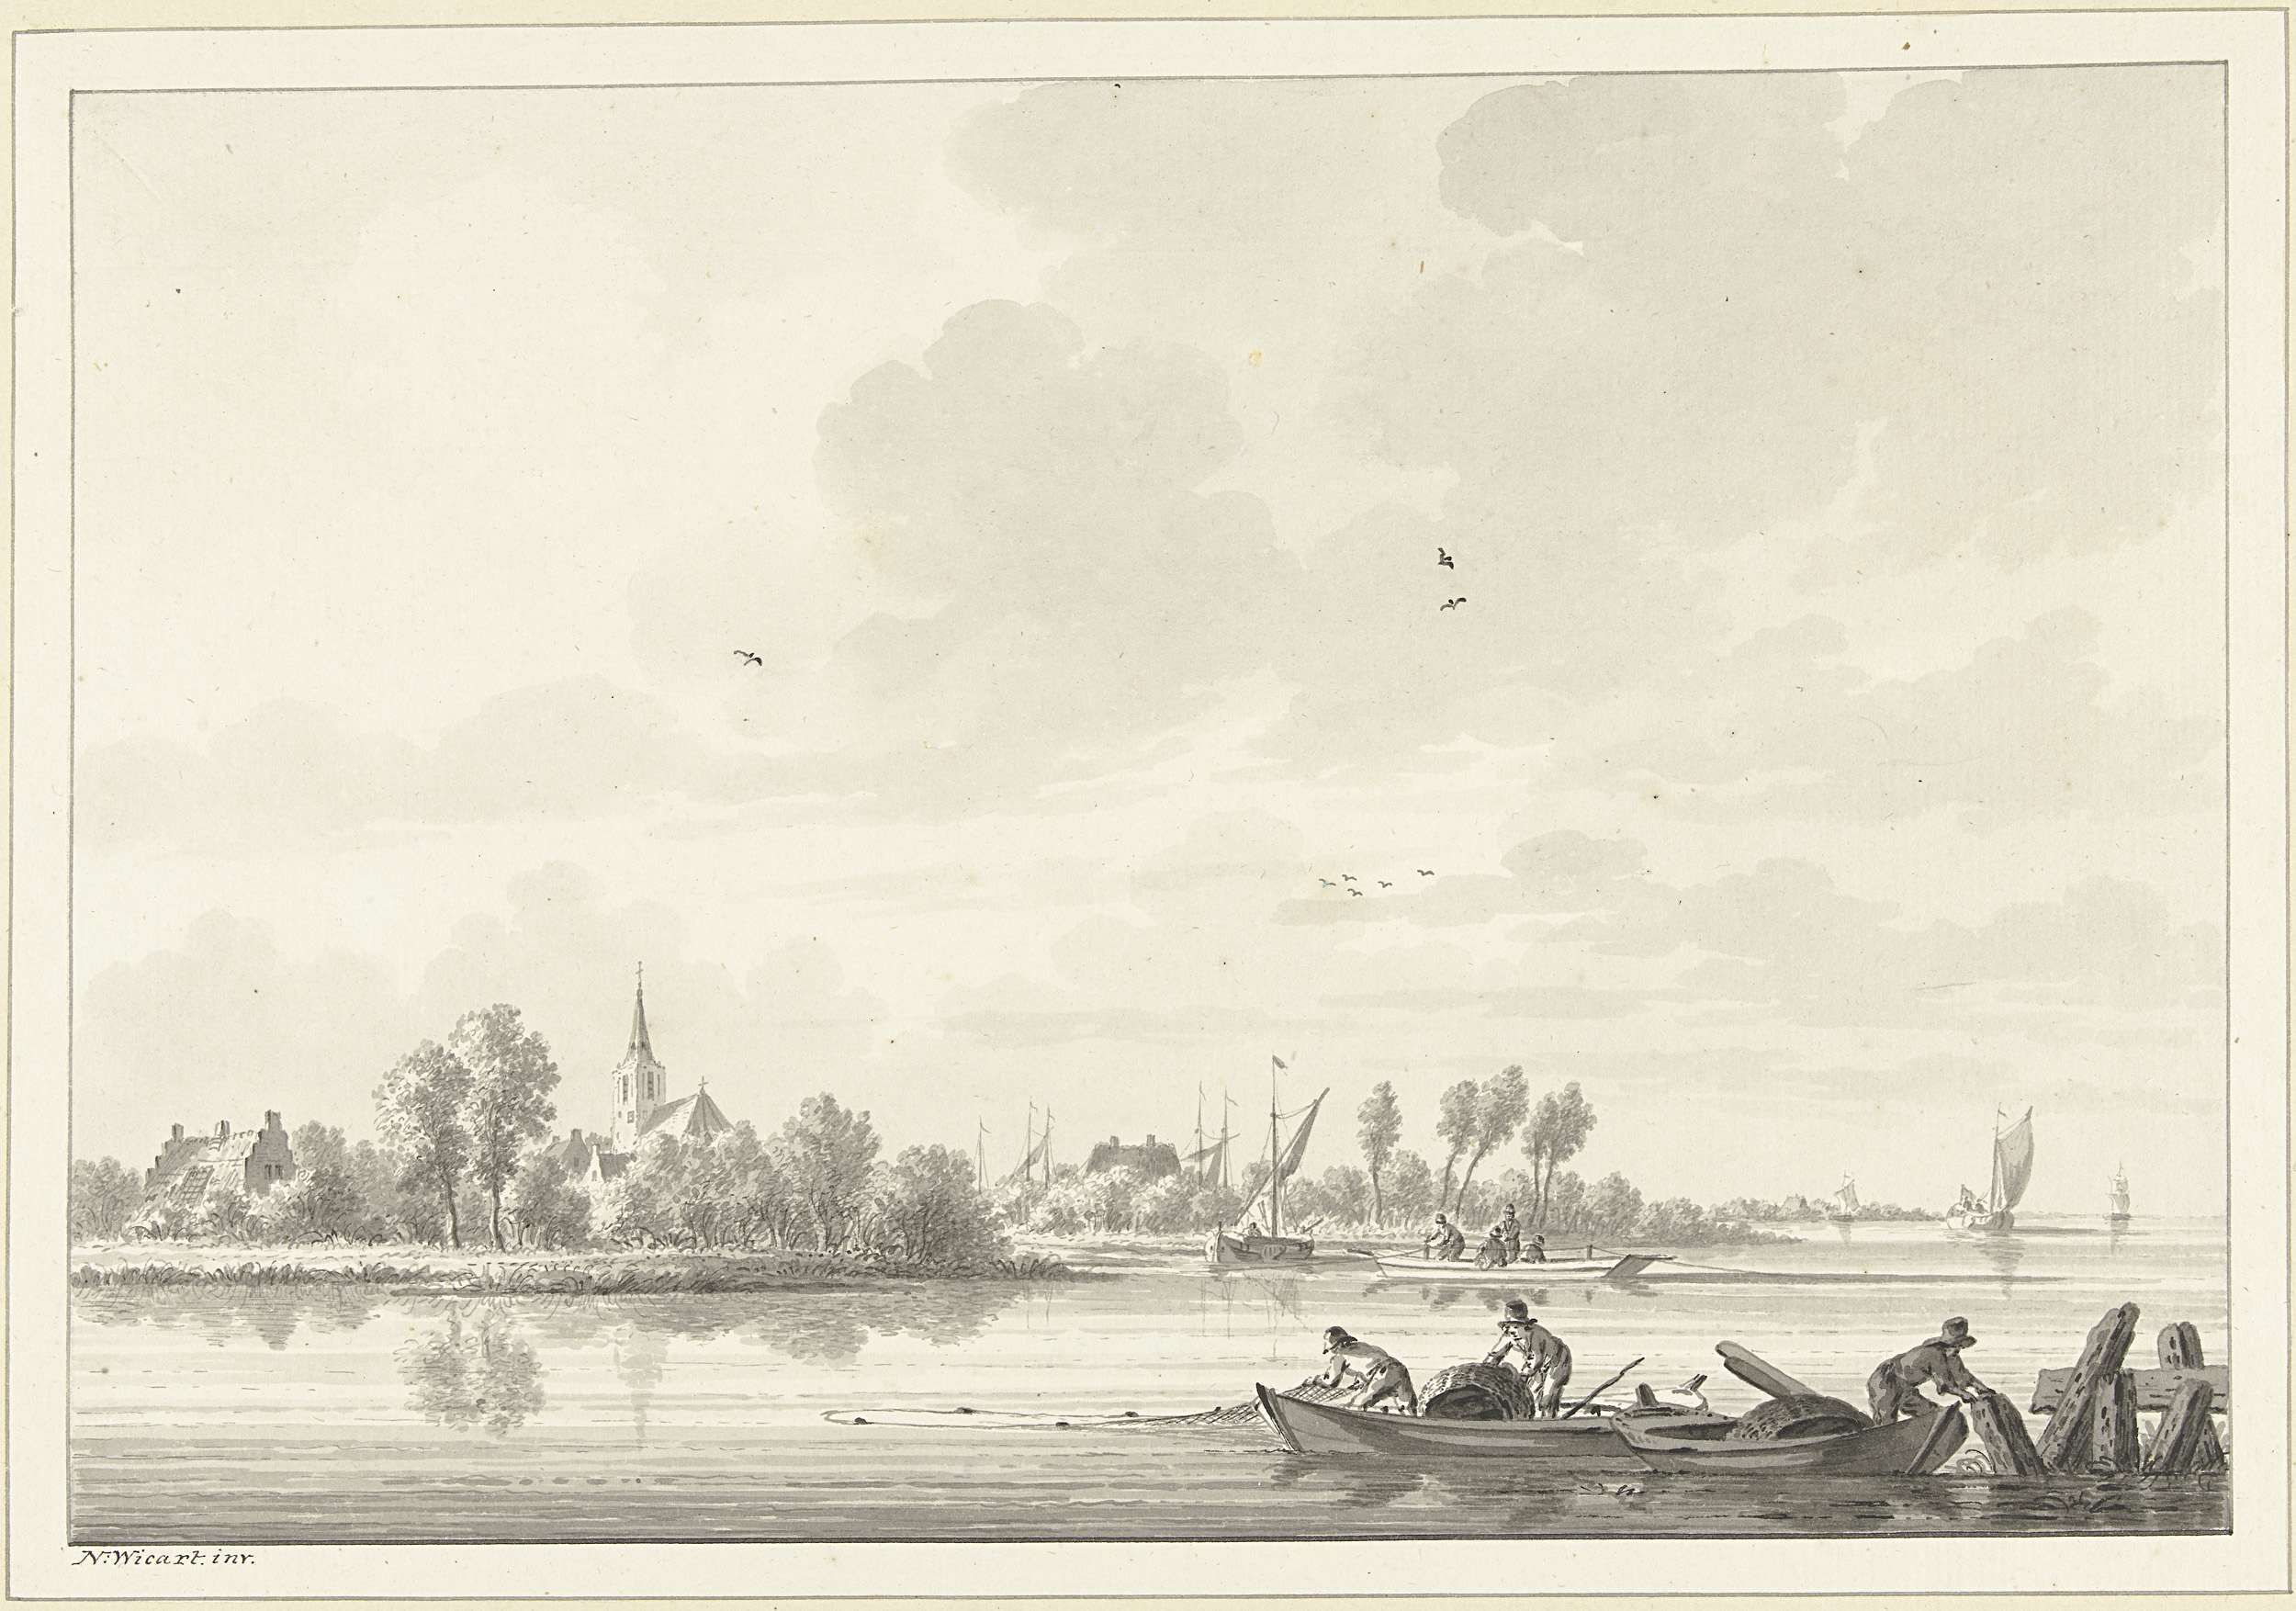 Nicolaas Wicart   Vissers op de Lek bij het dorp Tuil, Nicolaas Wicart, 1758 - 1815  